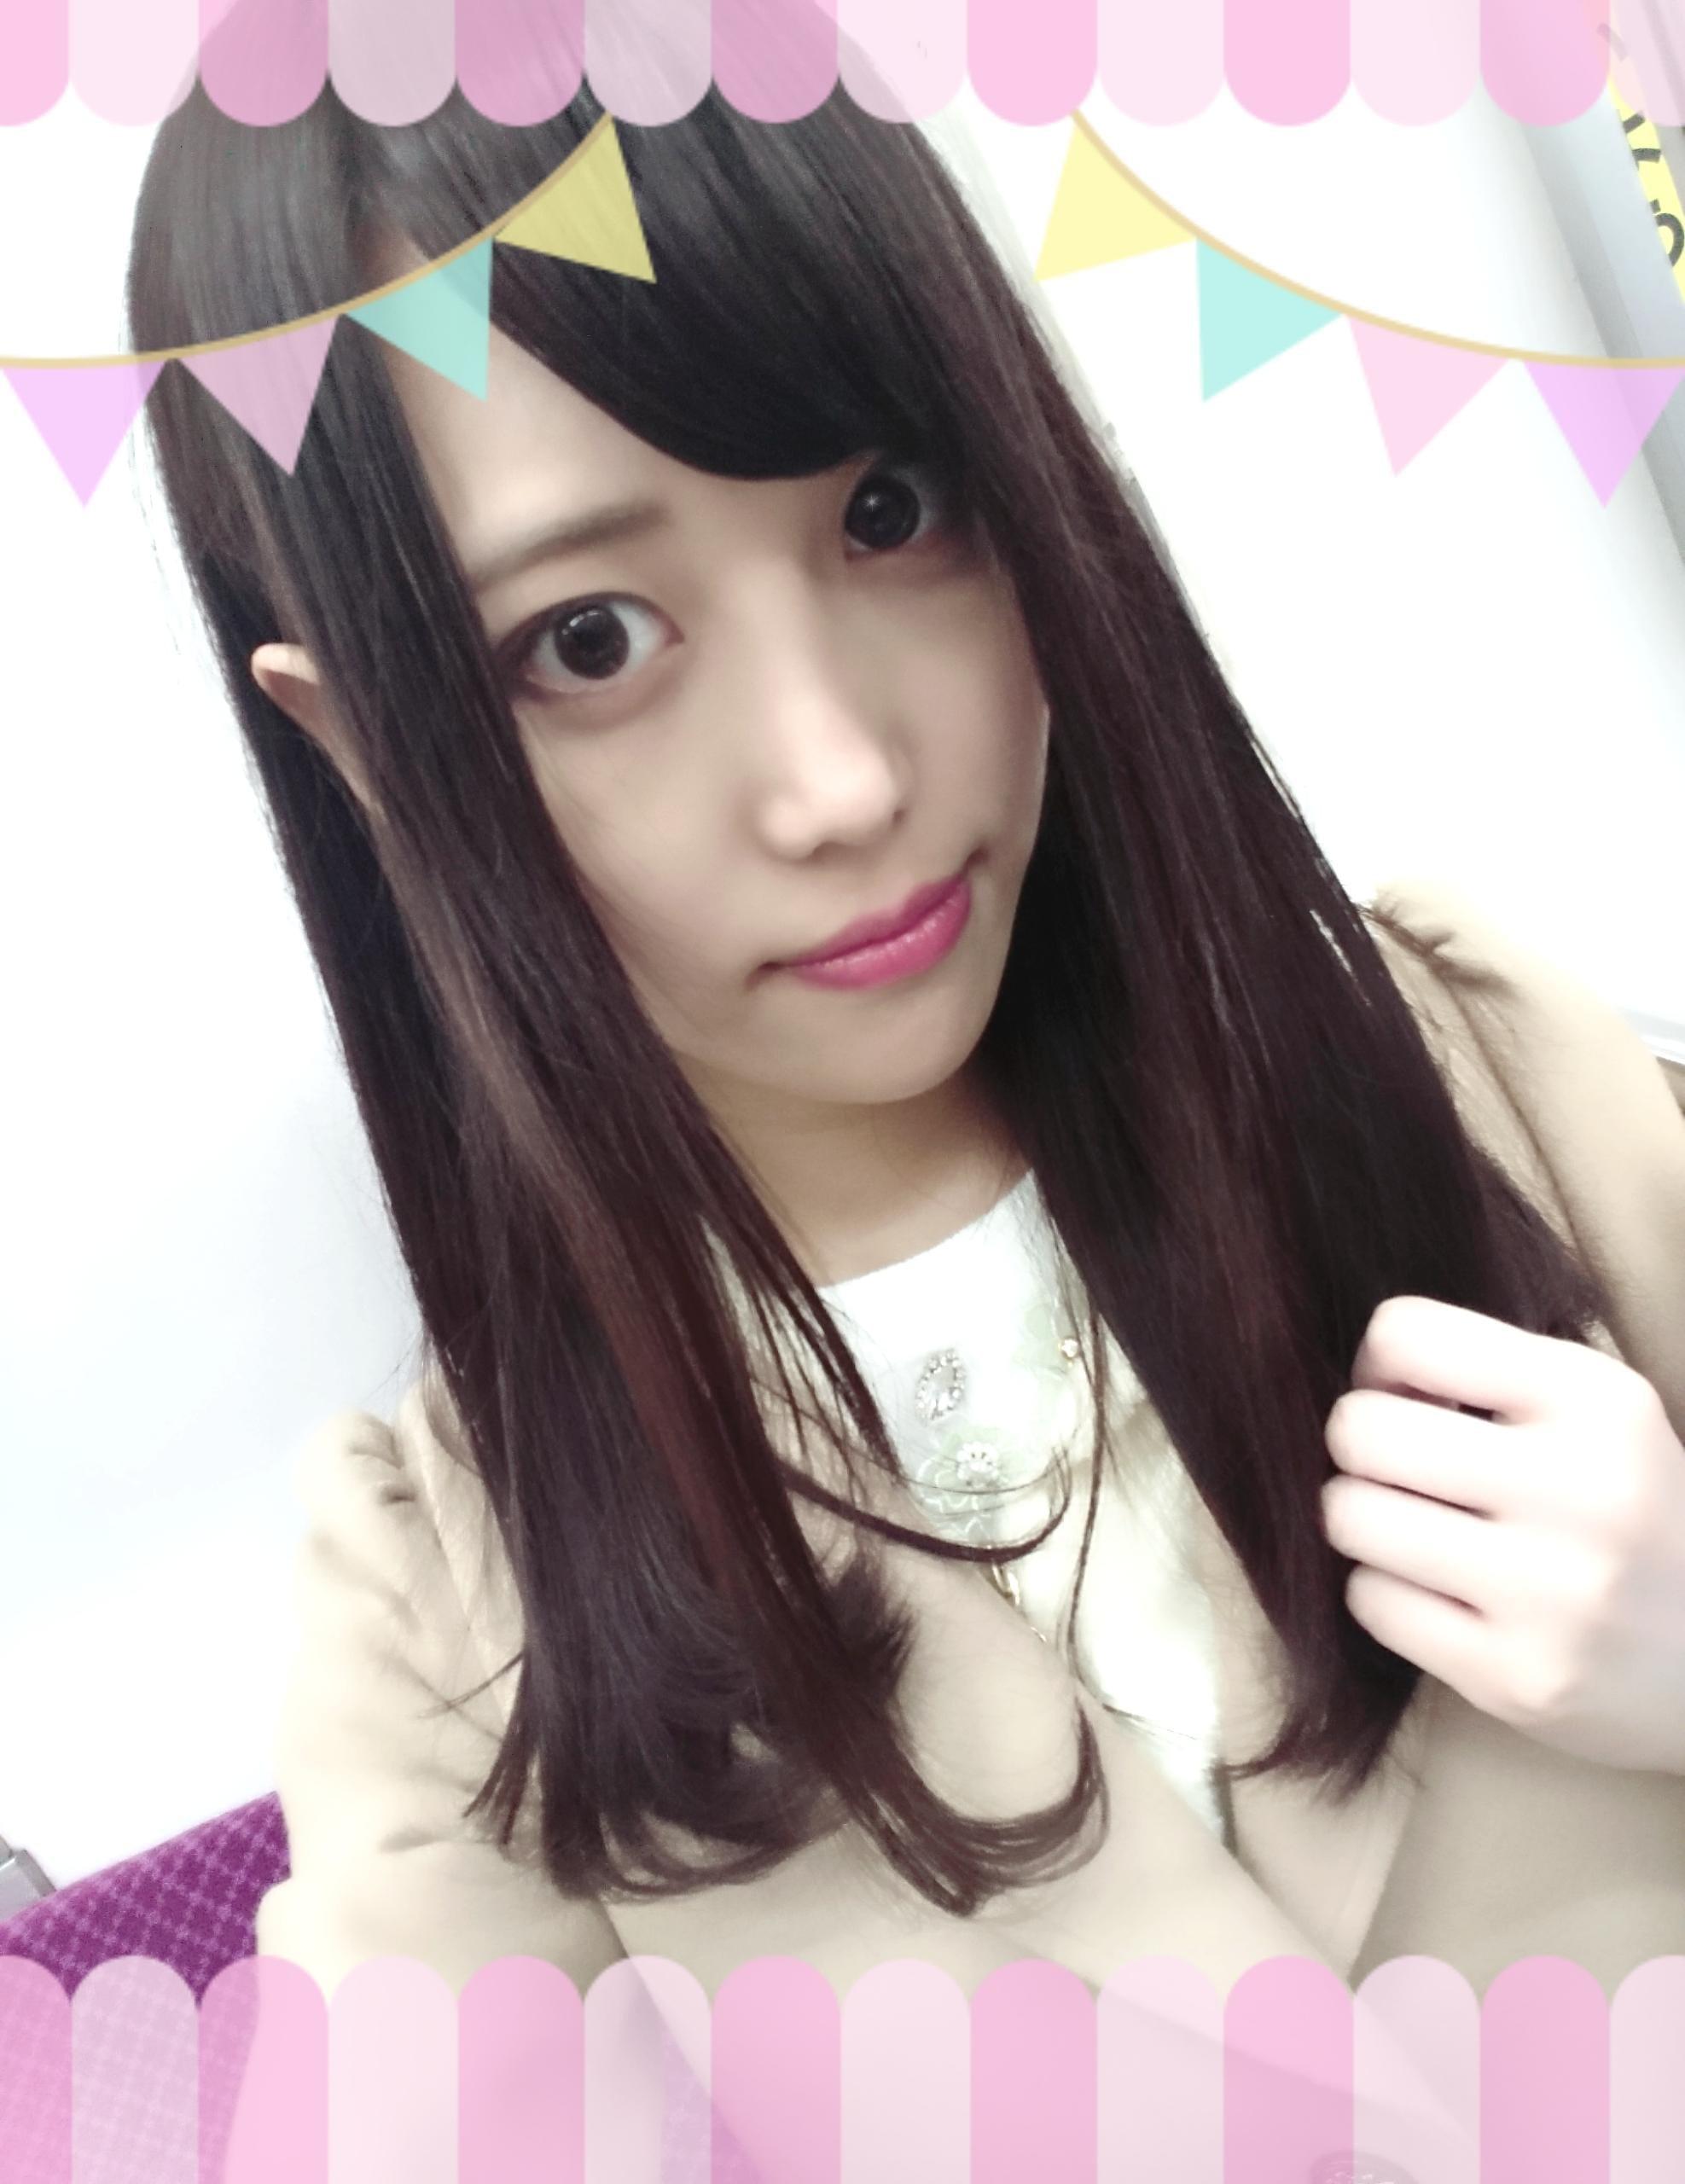 「夢のひと時?」01/20(日) 18:50 | 梨里花(リリカ)の写メ・風俗動画